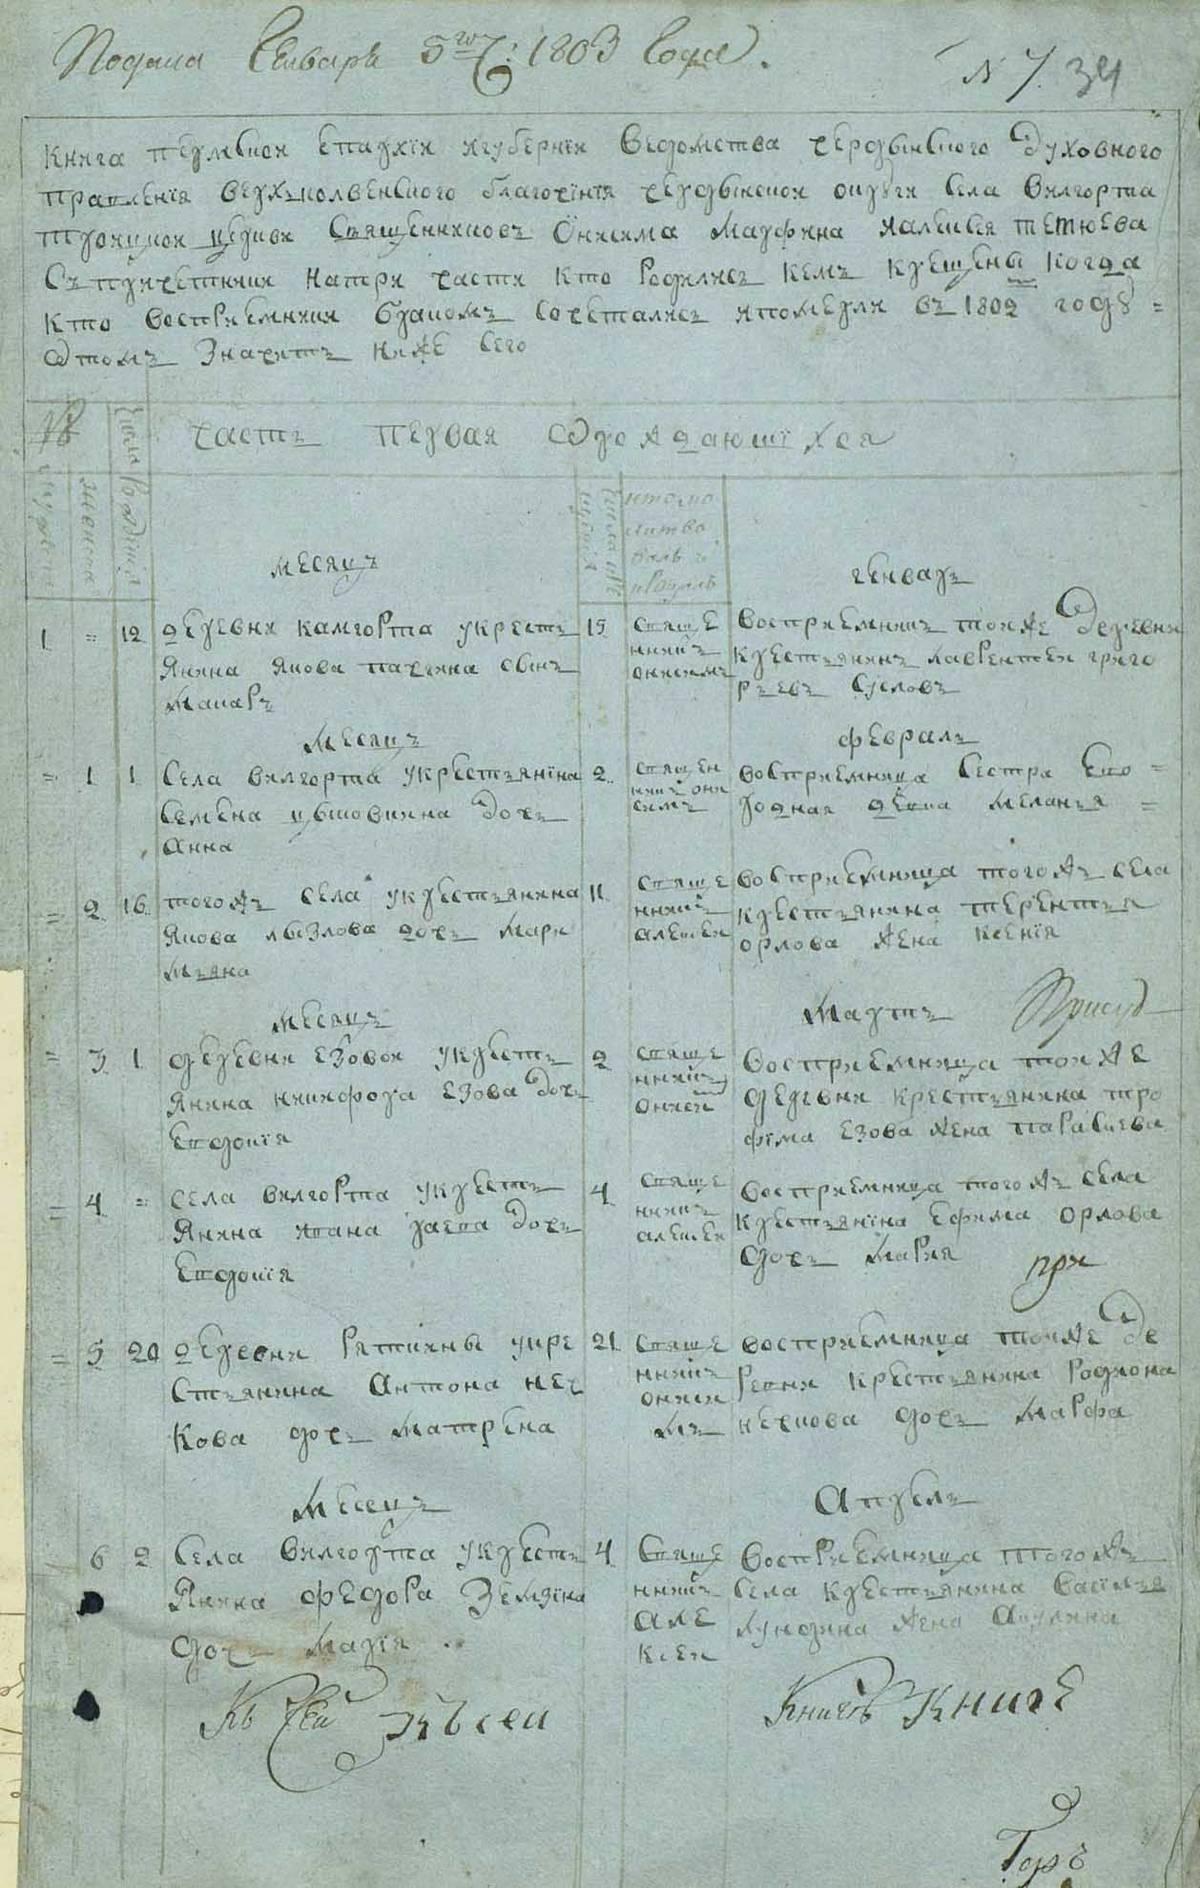 Самый ранний найденный мной документ датируется 1802годом — это запись о рождении дочки моего прапрапрапрадеда из метрической книги церкви в селе Вильгорт на севере Пермского края